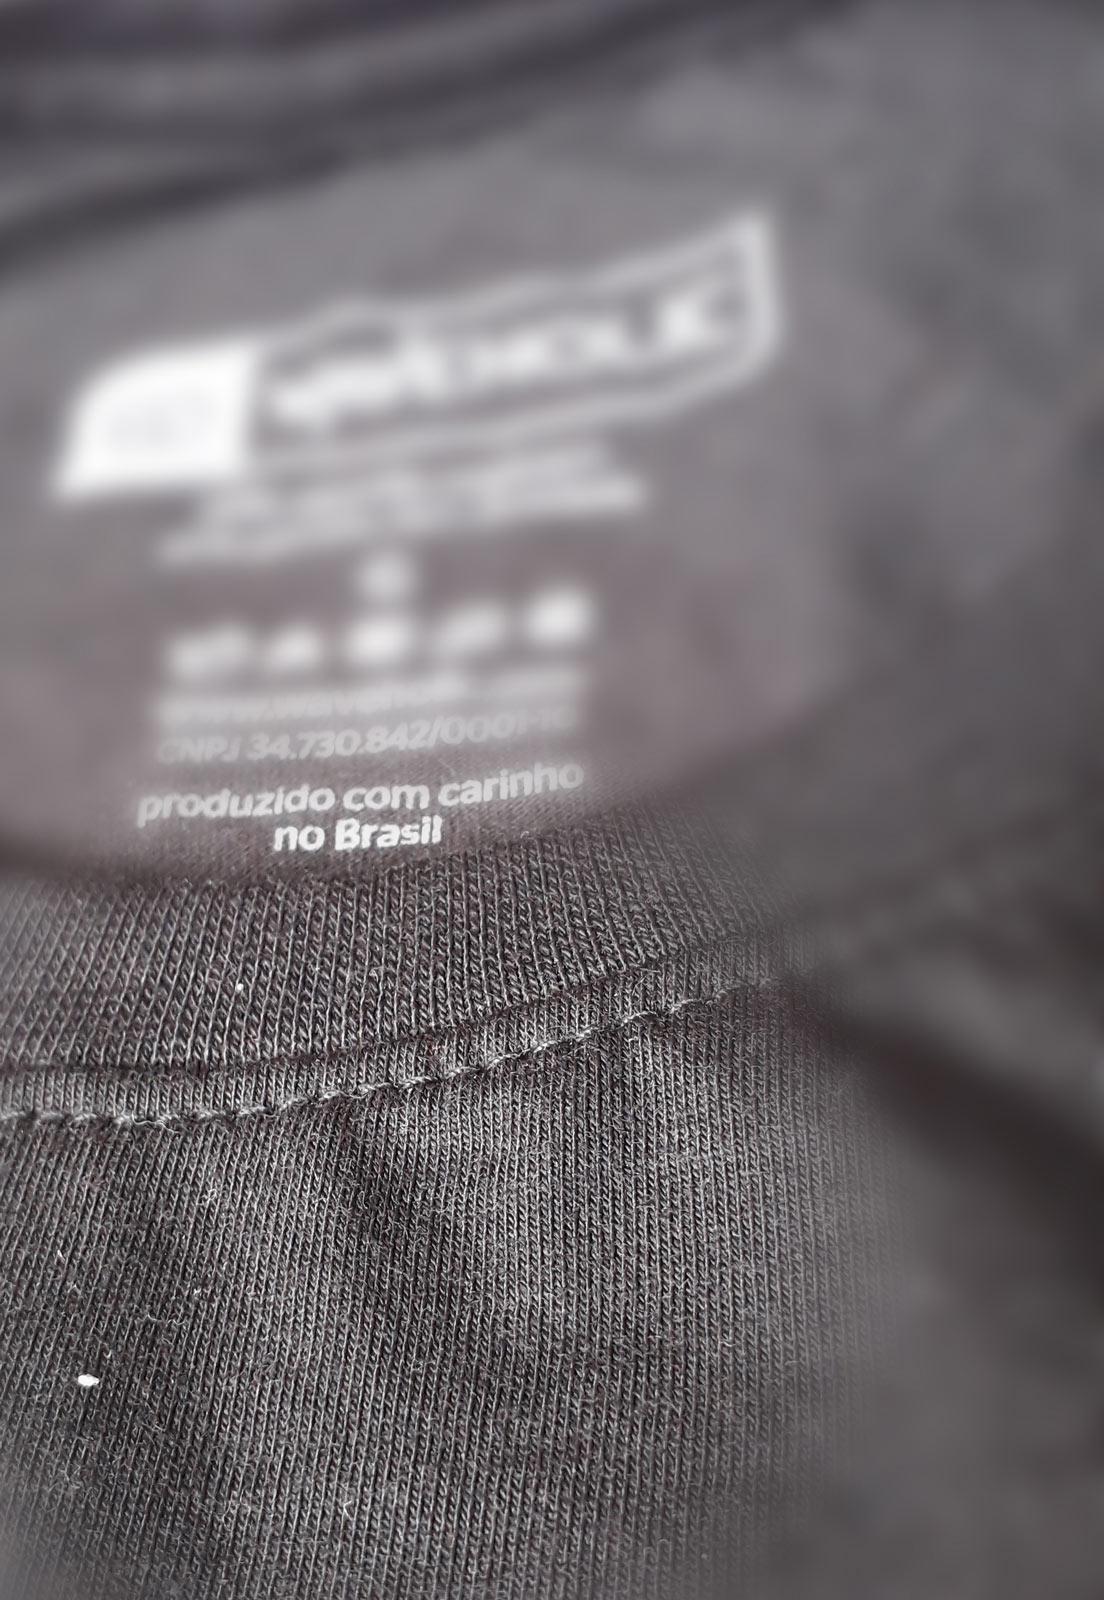 Camiseta com frase Brasil país do surfe preta ou branca sustentável